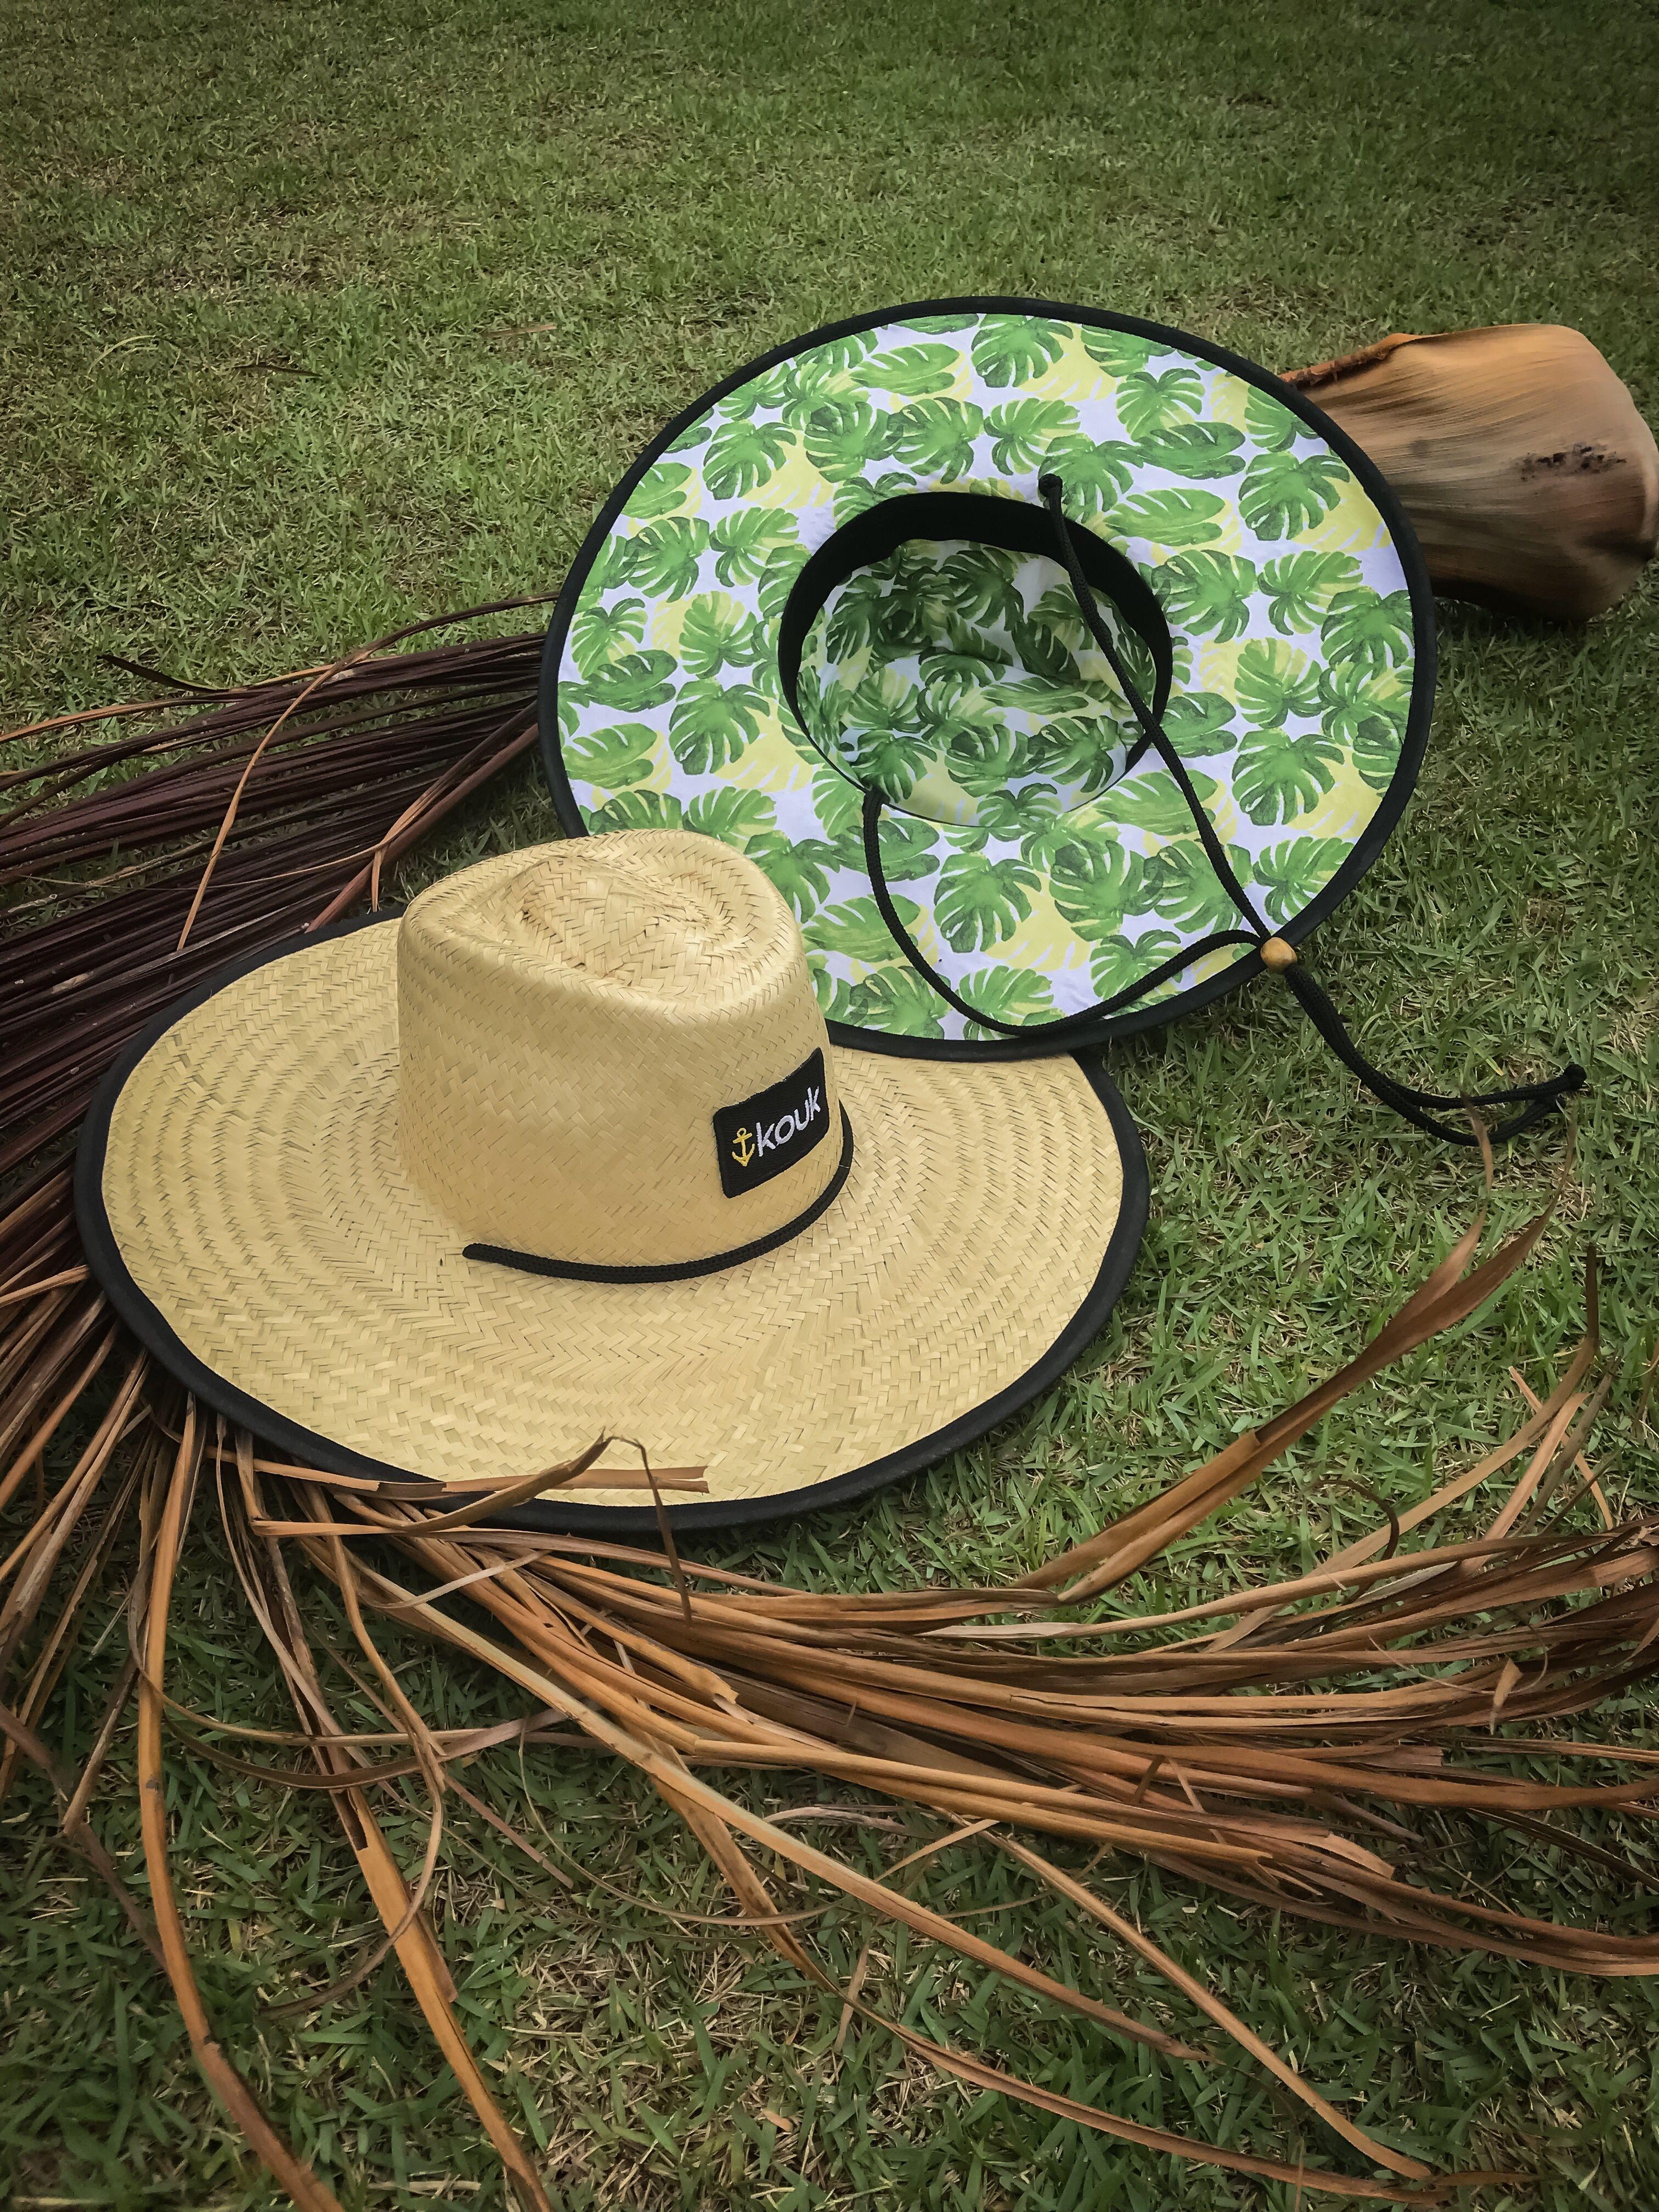 Chapéu de Palha Surf Chapéu de Palha Estampado Chapéu de Palha com Estampa  Chapéu de Palha Praia 04f2c13a066